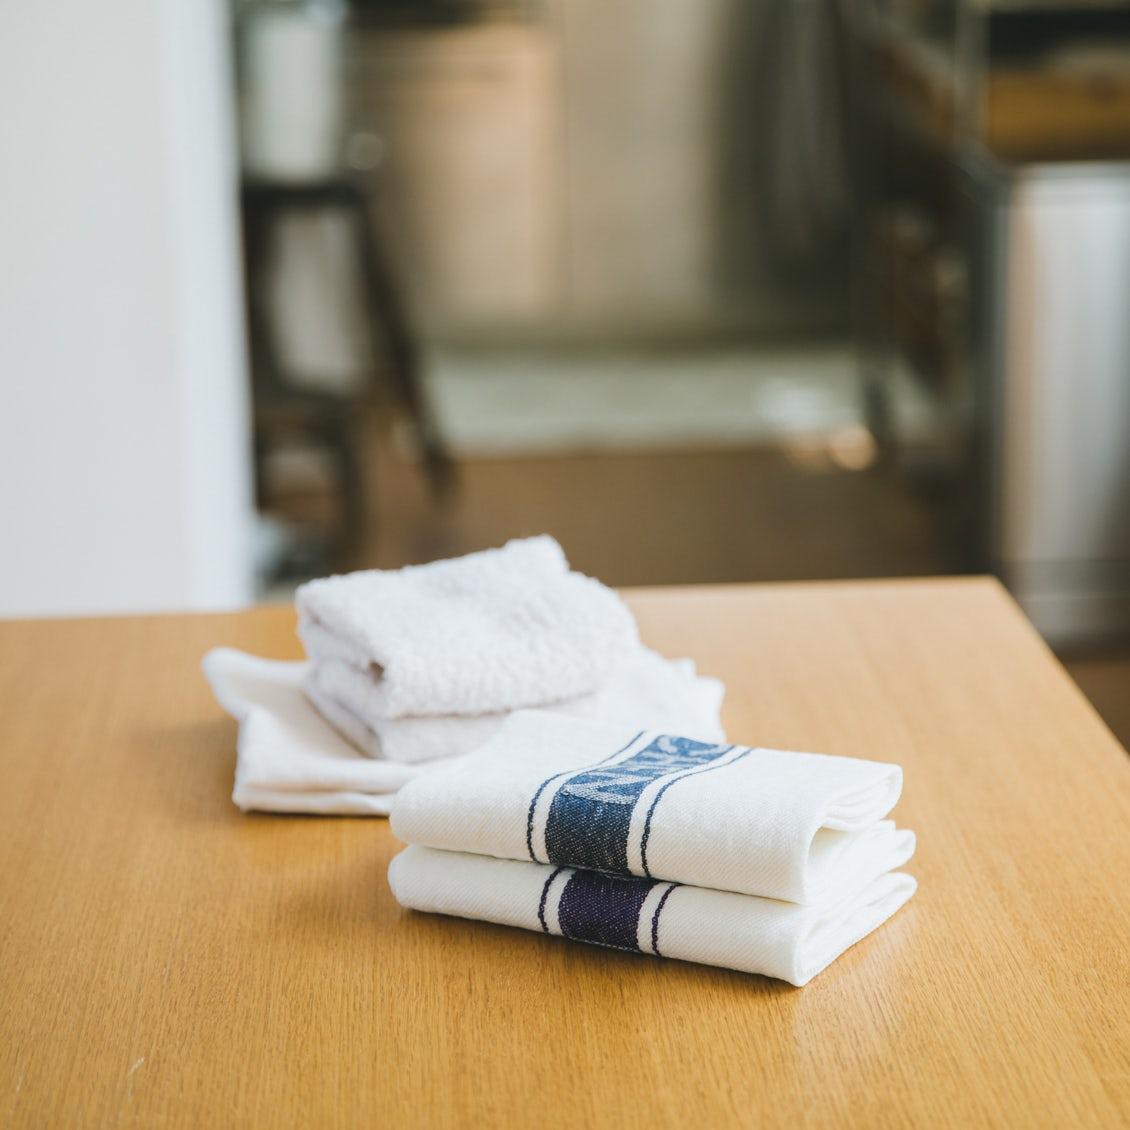 【BRAND NOTE】毎日使うタオルや服が変わる? 柔軟剤が必要なワケがわかりました